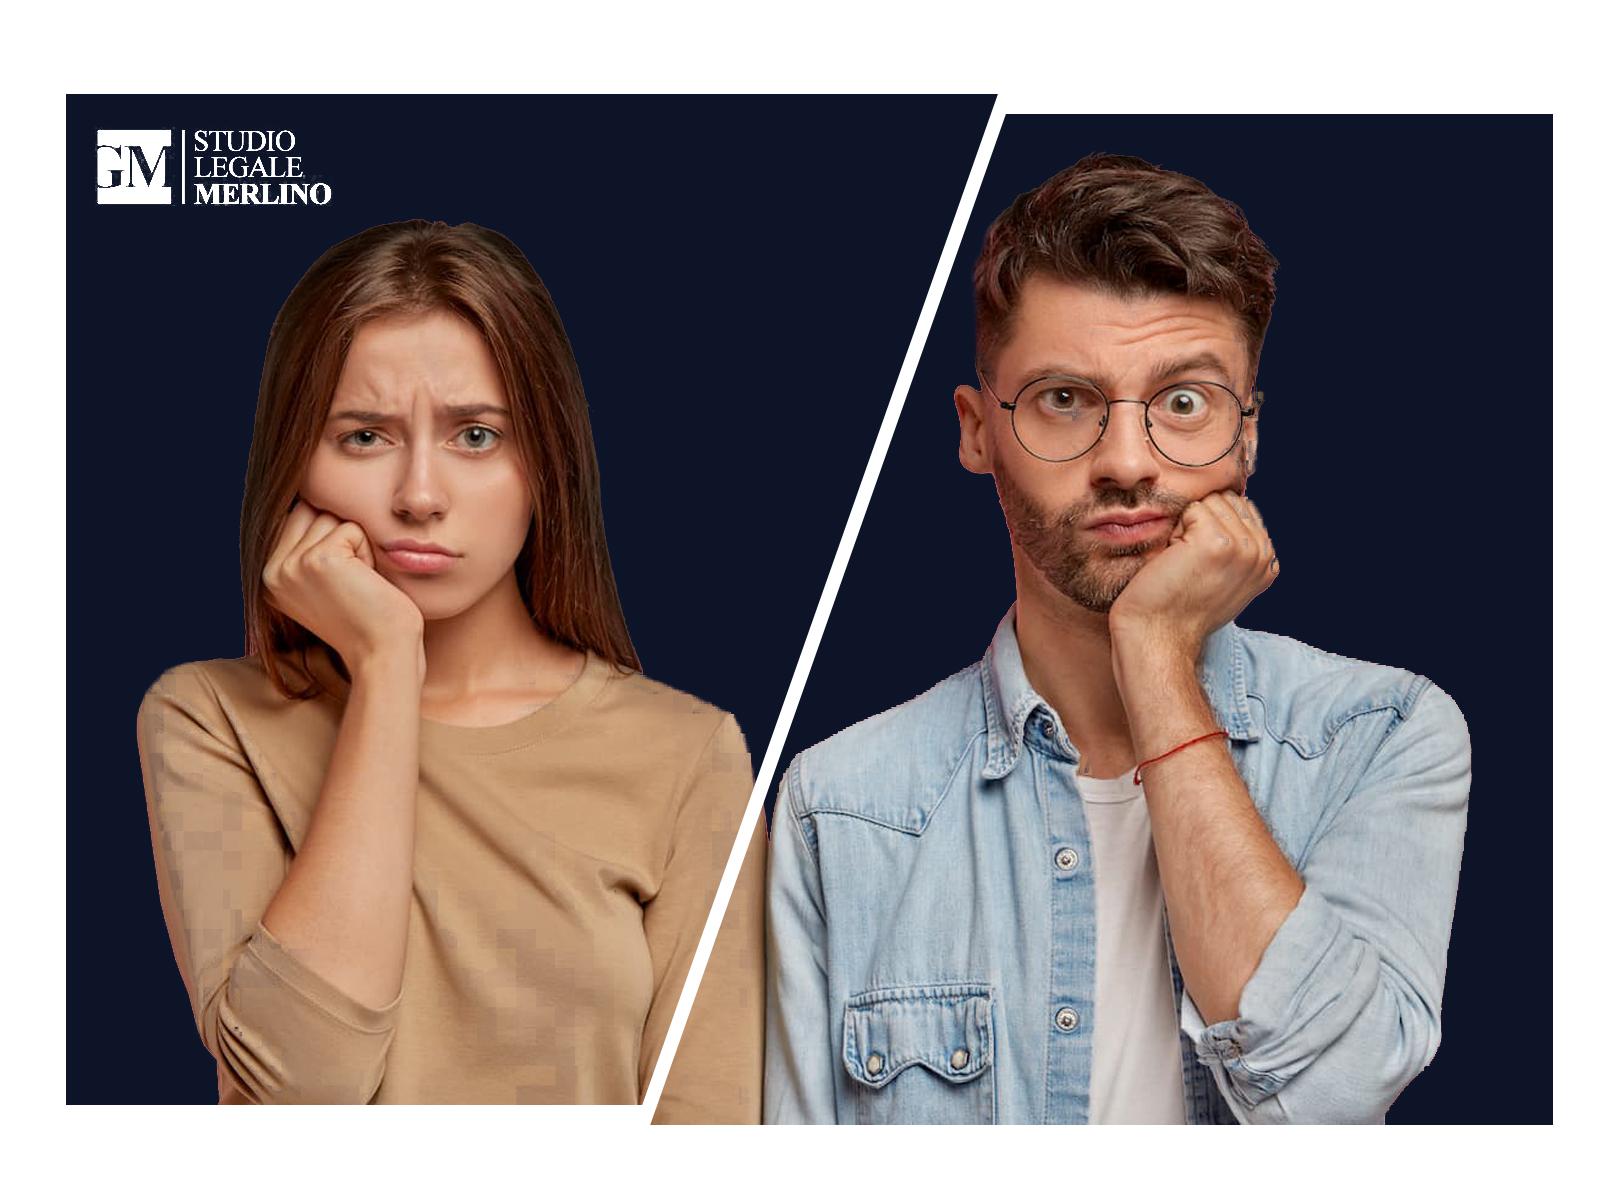 Separazione e Divorzio, che differenza c'è?